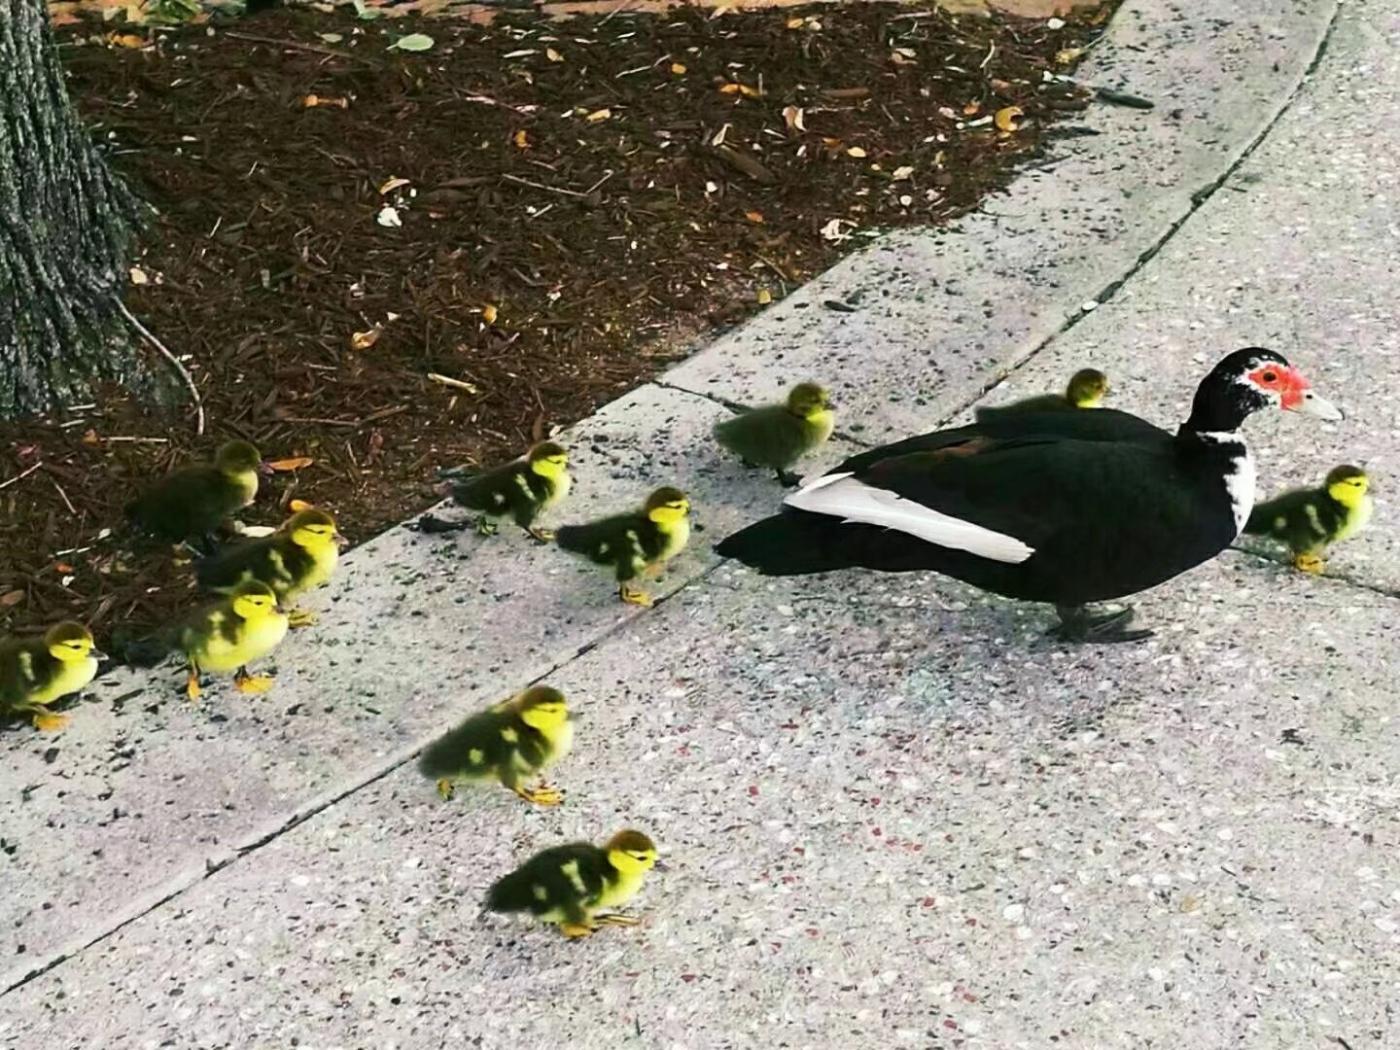 劳德代尔堡公园的一窝水鸟(图)_图1-6